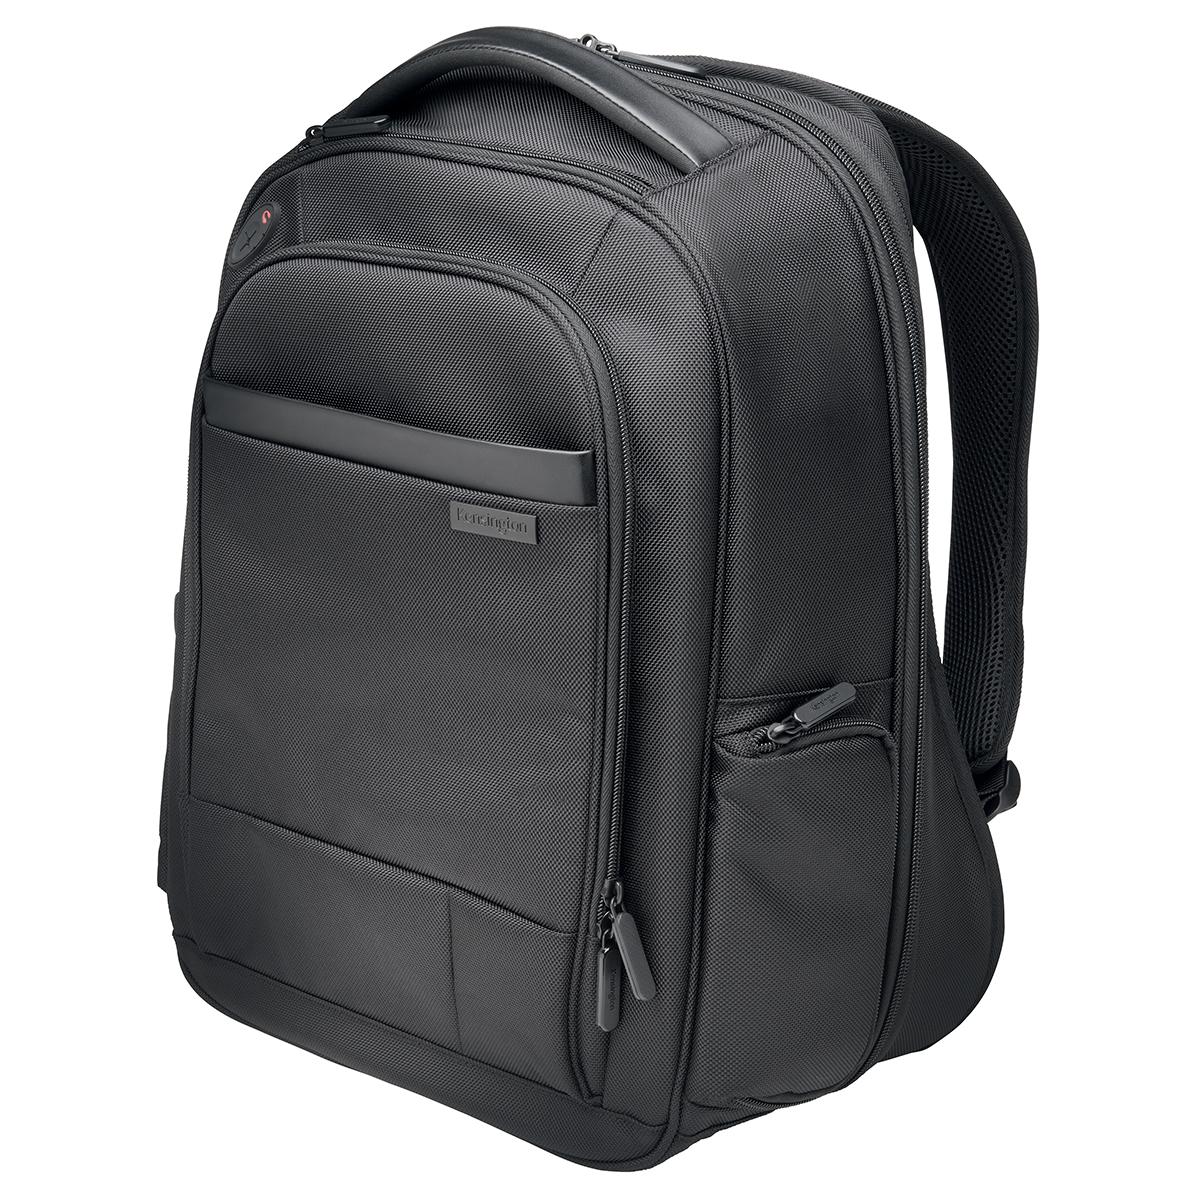 Kensington K60382EU Contour 2.0 Business Laptop Backpack - 15.6 Inch